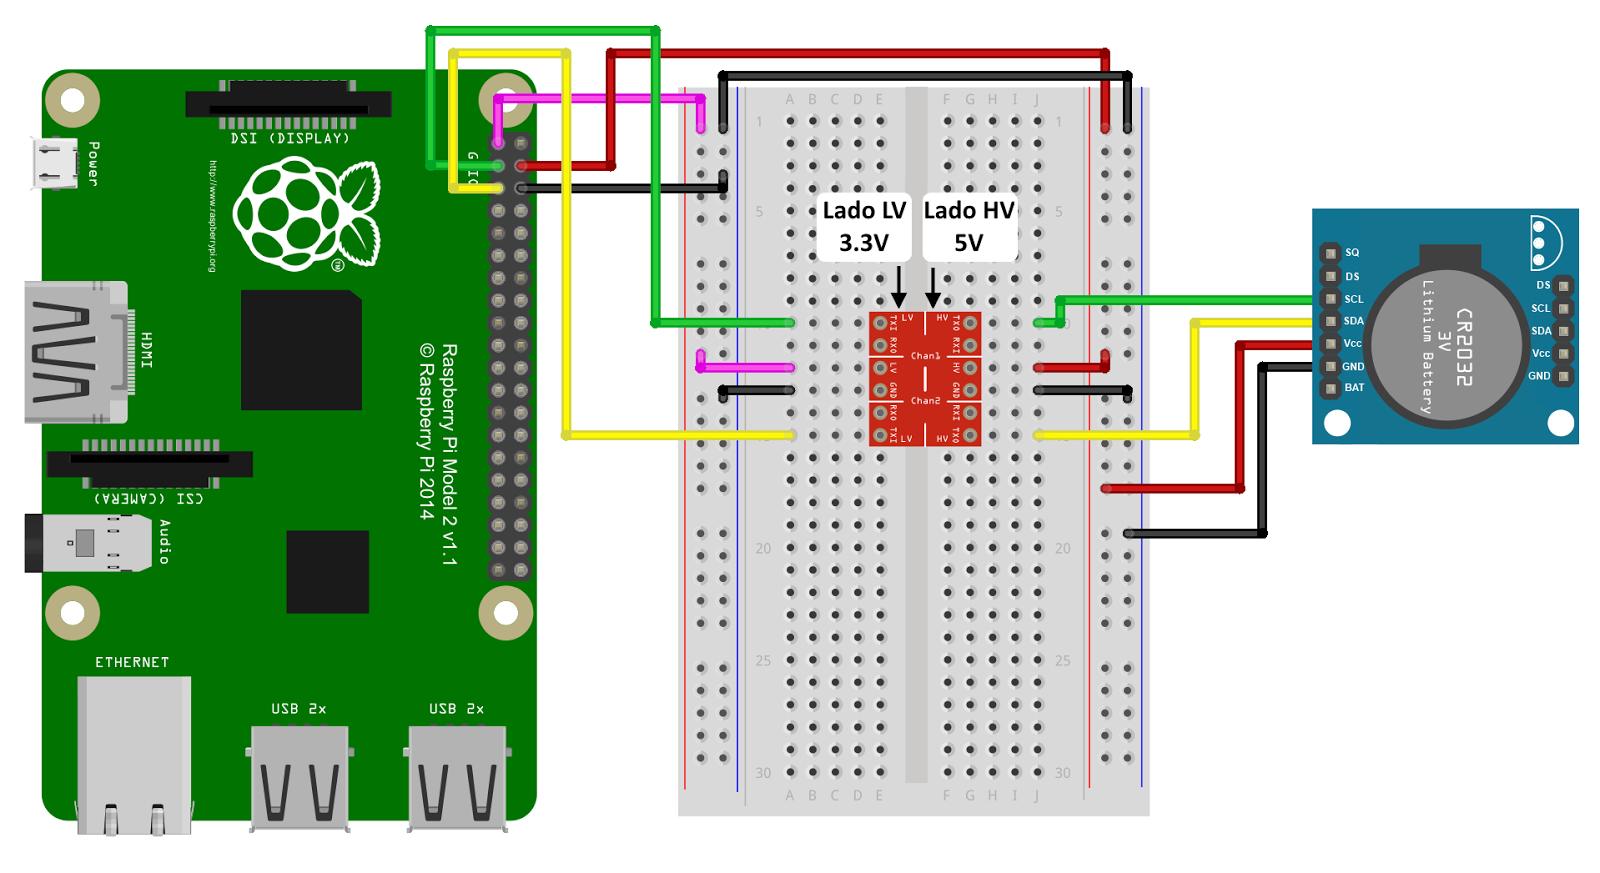 Como Funciona O Conversor De Nvel Lgico 33 5v Arduino E Cia Esse Circuito Muito Interessante Ele Usa Um Regulador Lm317 Que Raspberry Pi